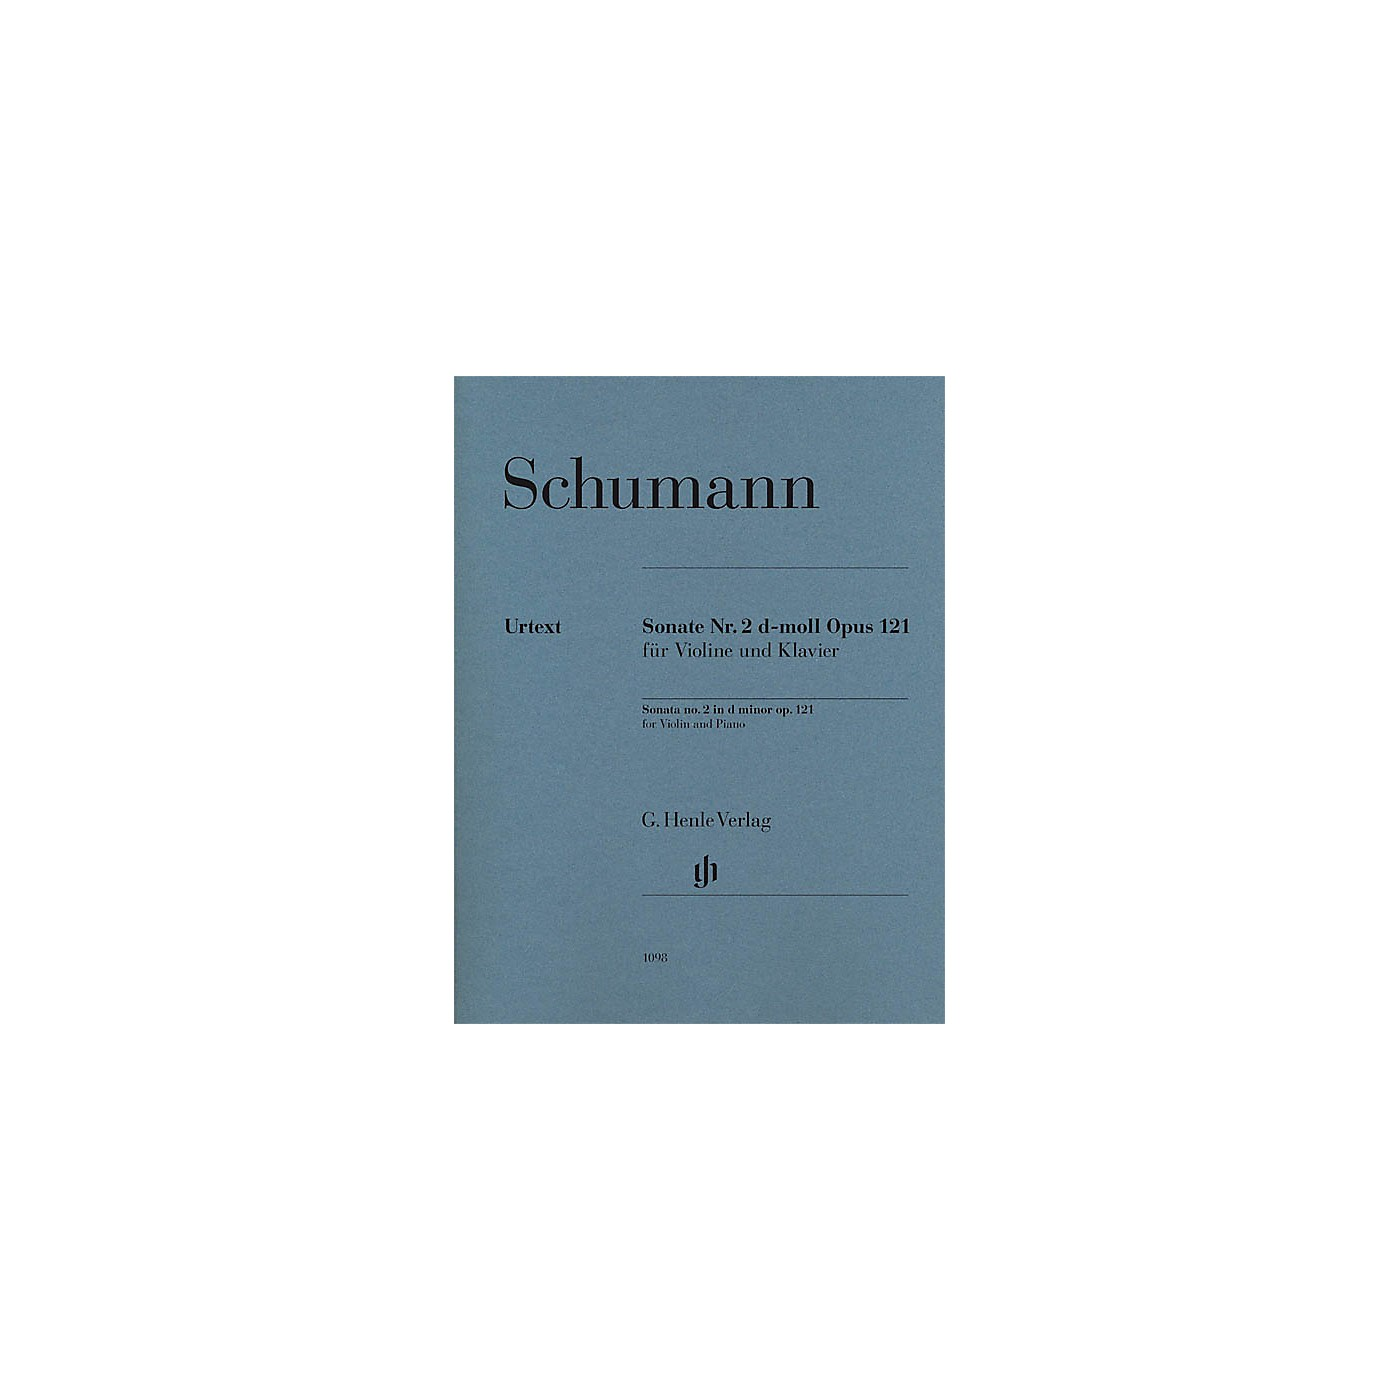 G. Henle Verlag Robert Schumann - Violin Sonata No. 2 in D minor, Op. 121 Henle Music Folios Softcover by Robert Schumann thumbnail